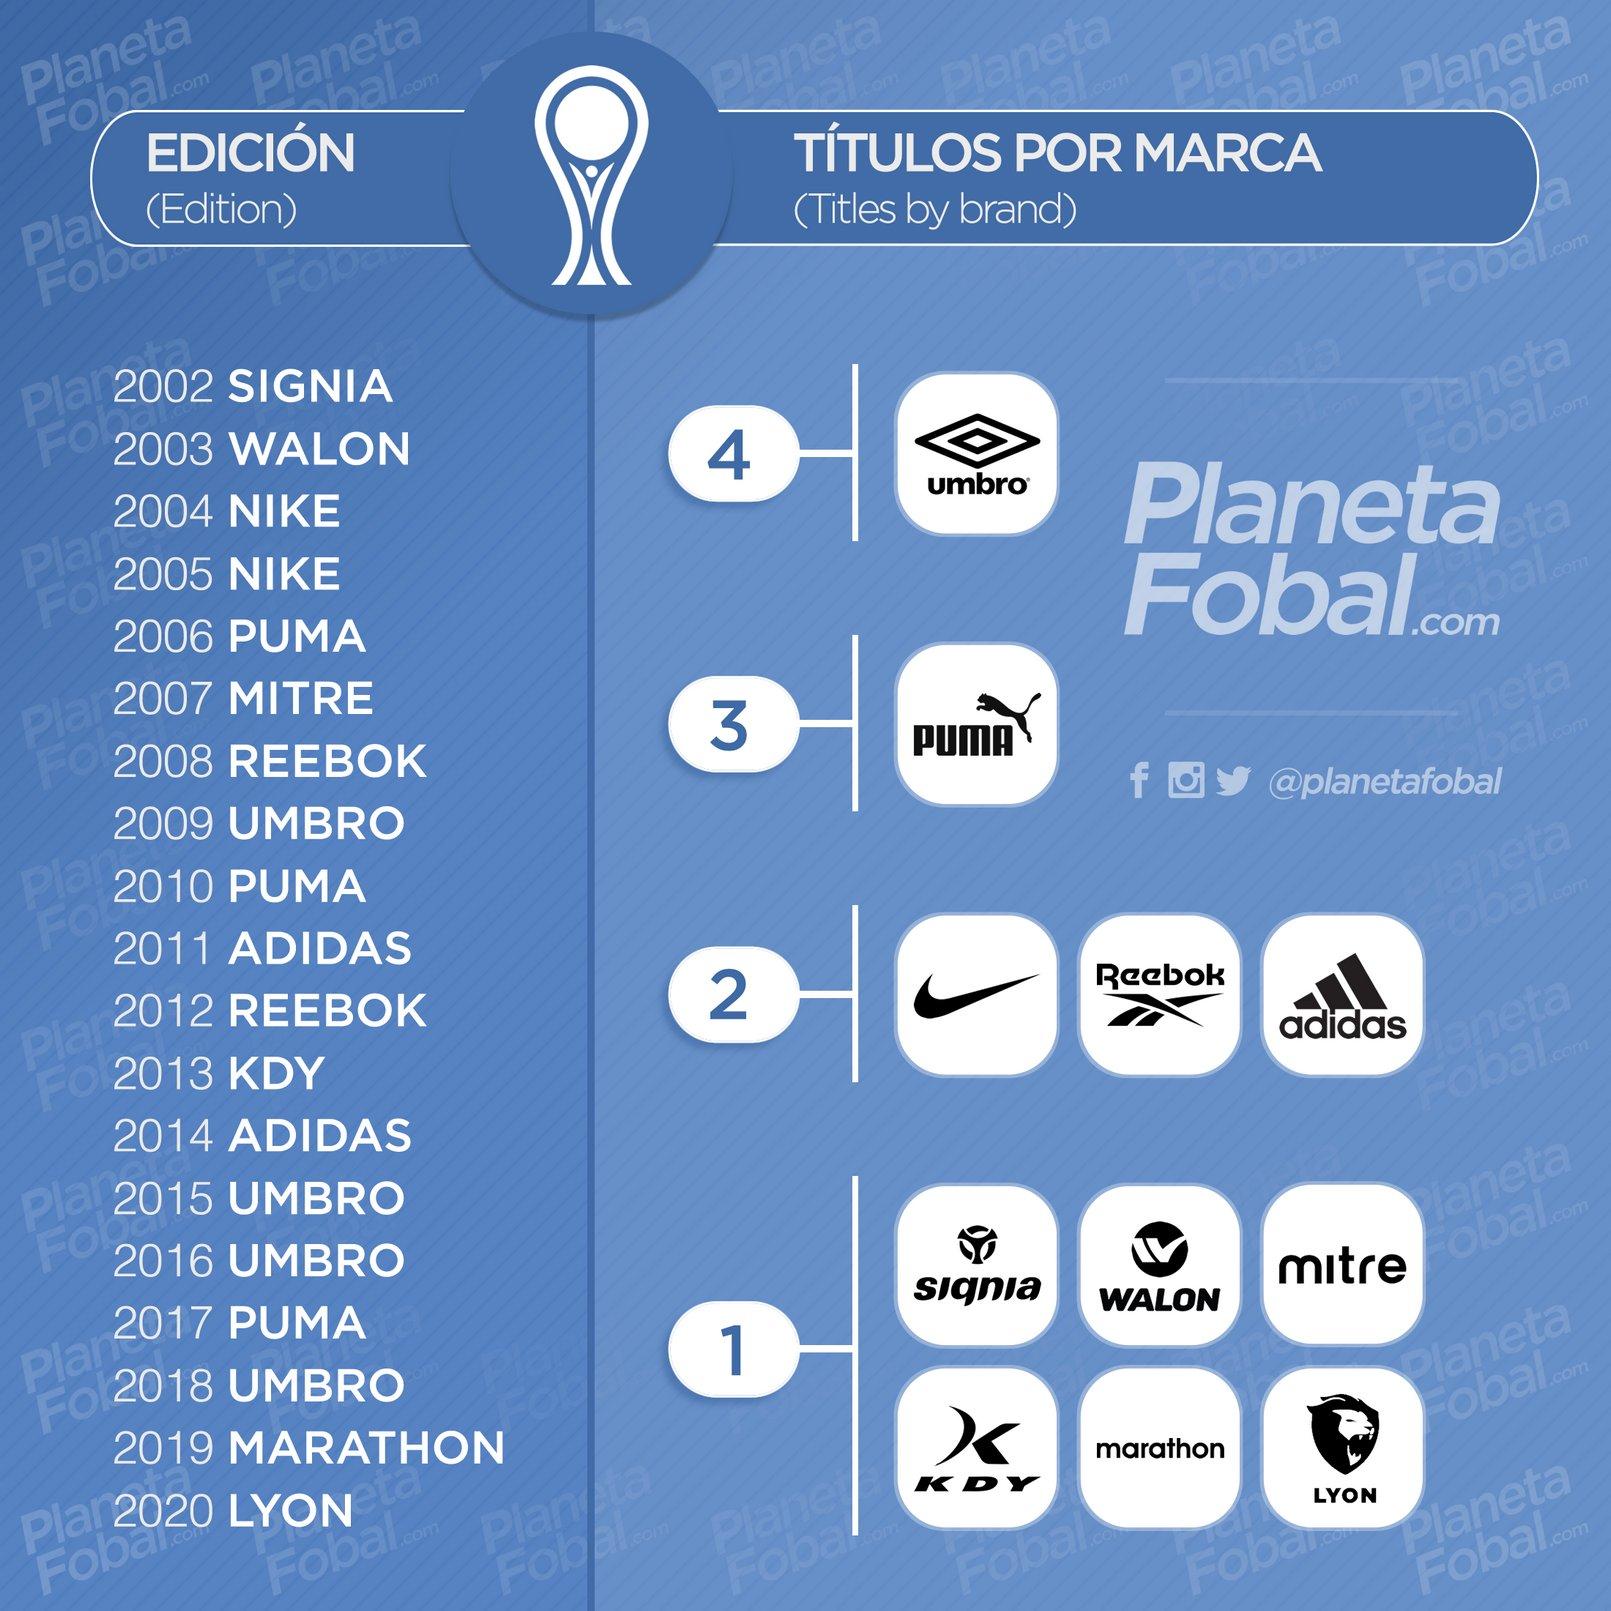 Cantidad de títulos por marca deportiva en la Copa CONMEBOL Sudamericana | @planetafobal